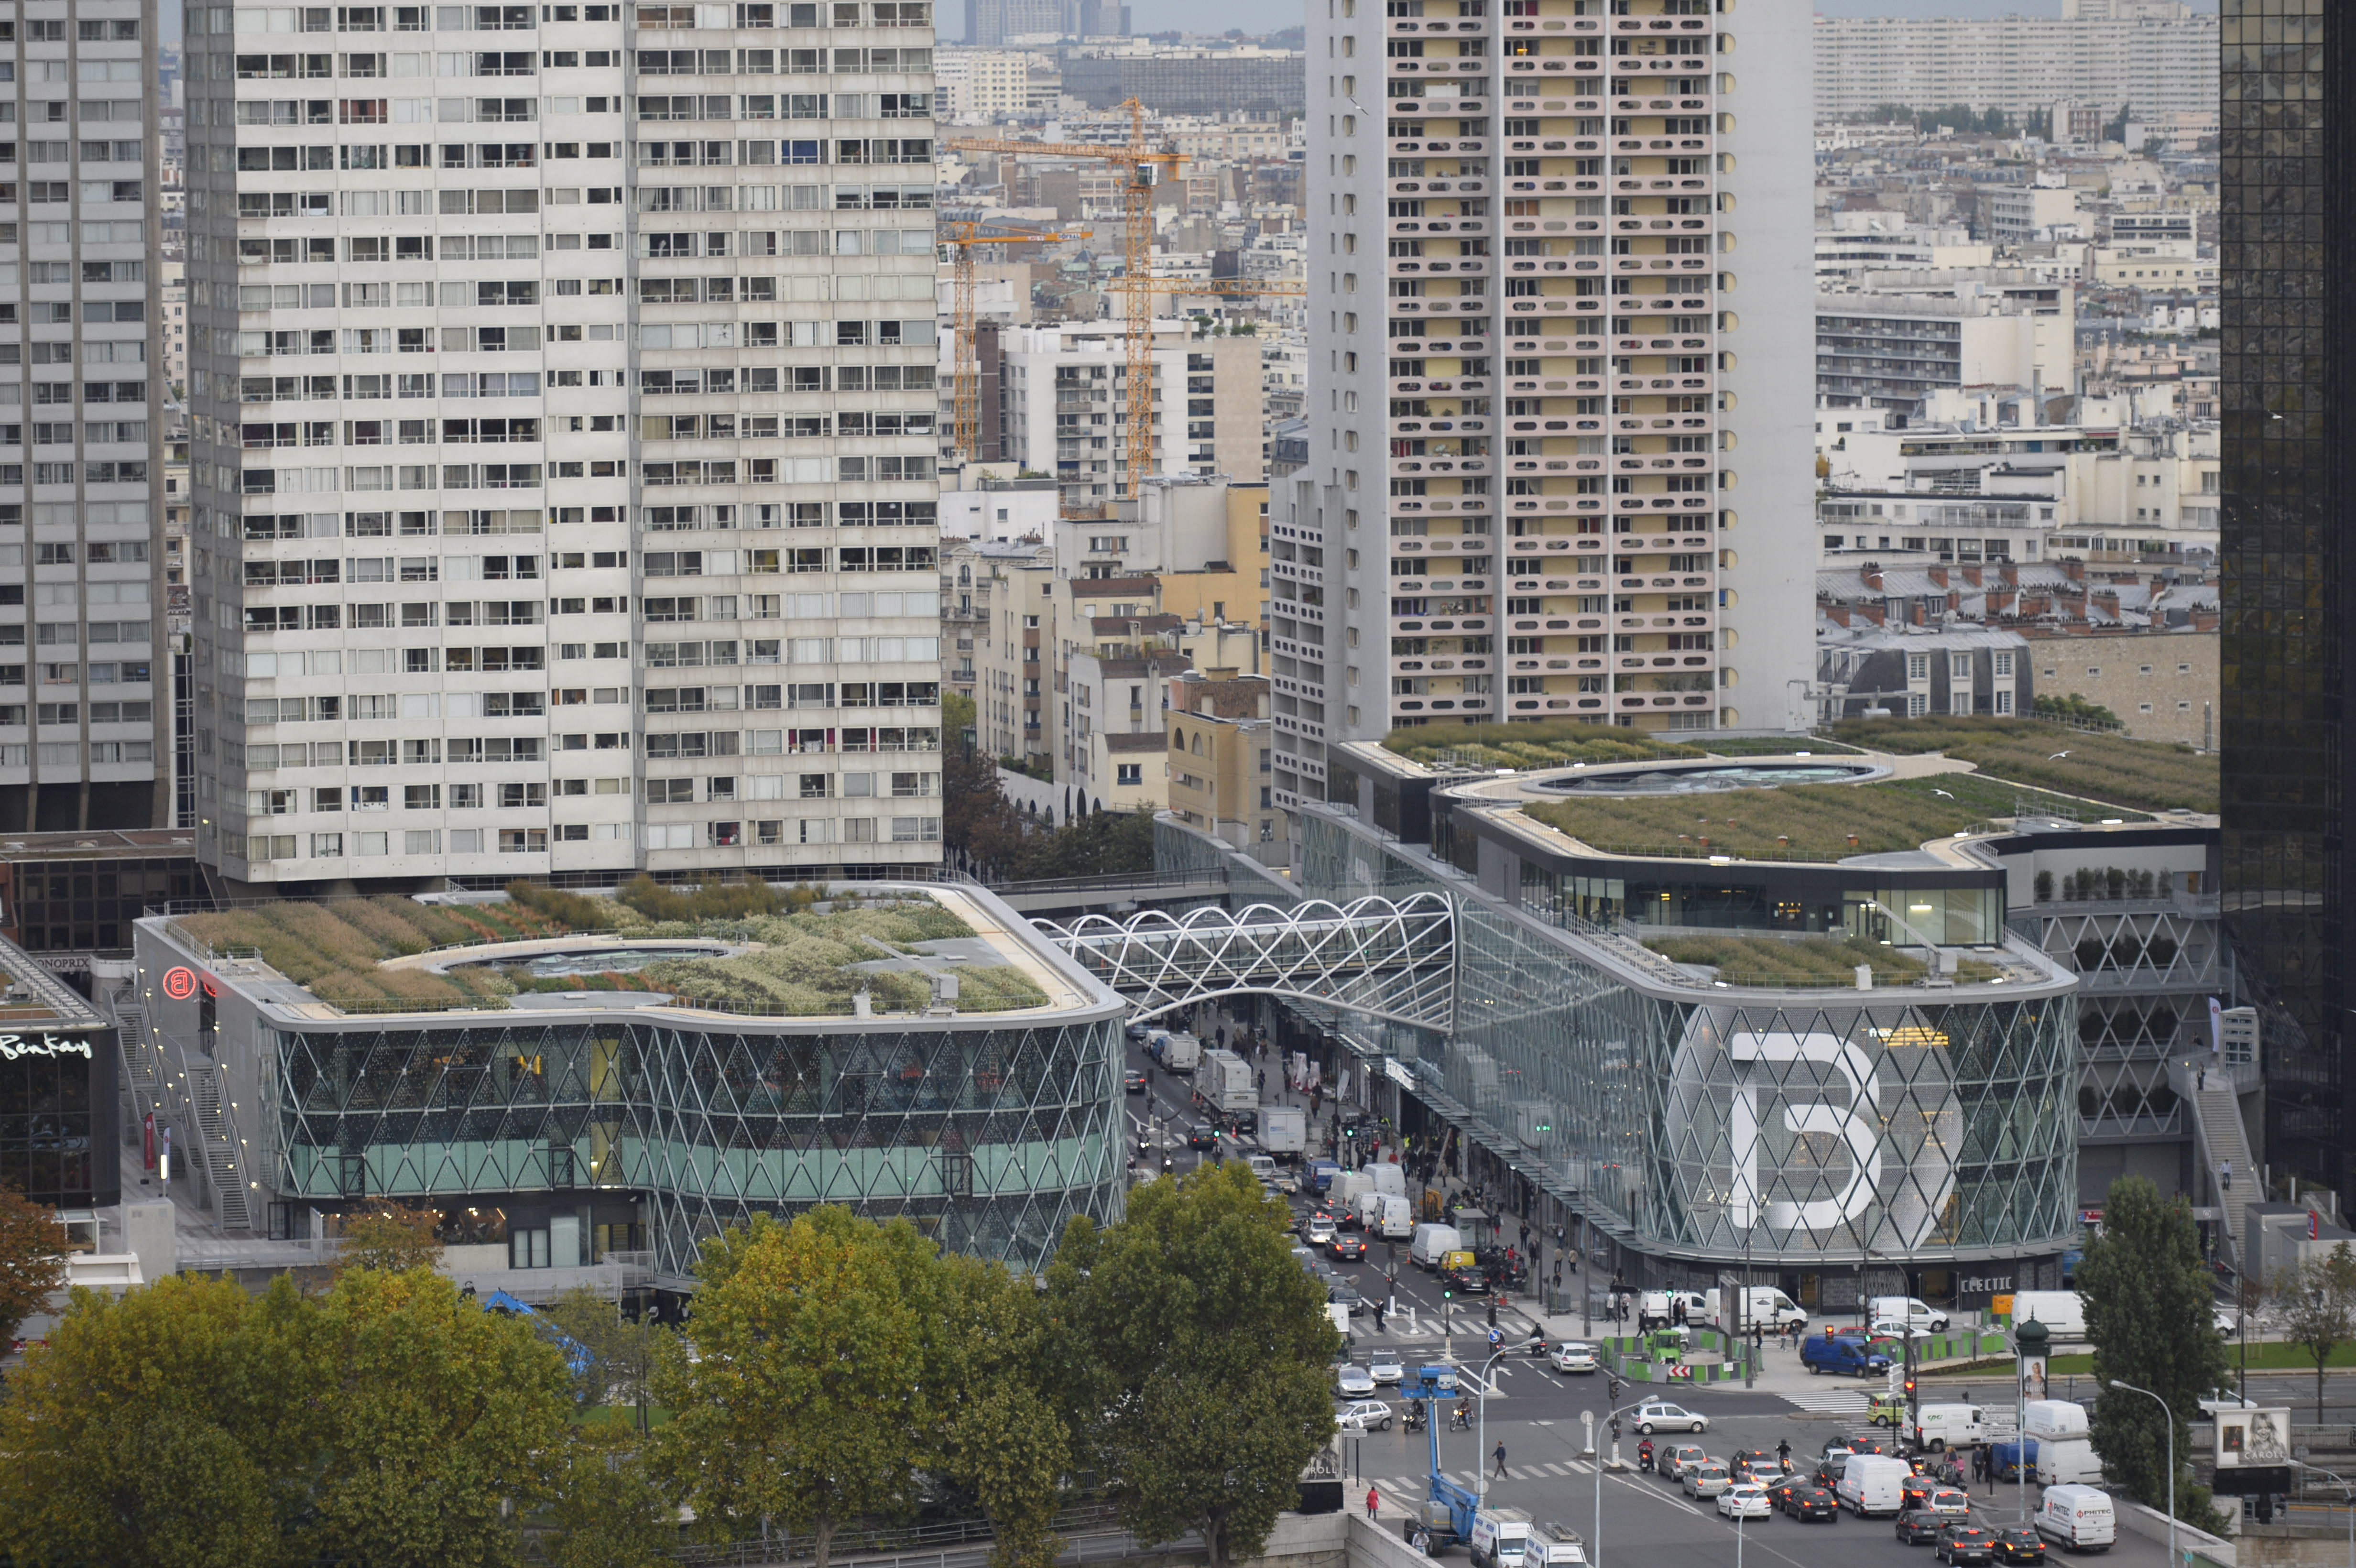 Le nouveau centre commercial beaugrenelle ingrid nappi choulet - Centre commercial de beaugrenelle ...